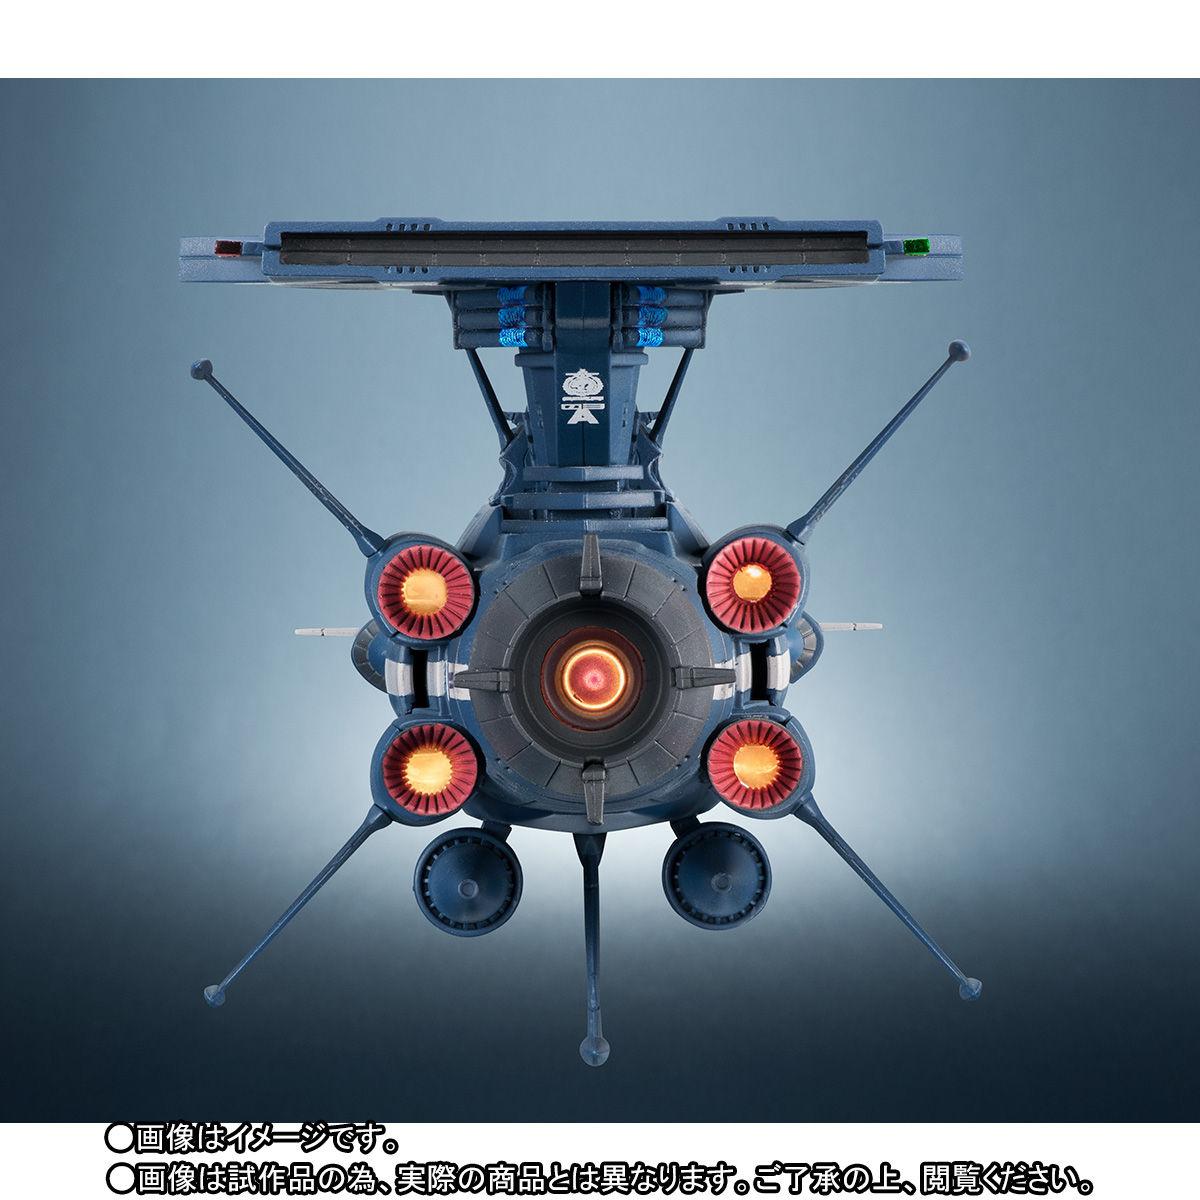 輝艦大全『地球連邦アンドロメダ級三番艦 アポロノーム|宇宙戦艦ヤマト2202』1/2000 完成品モデル-006